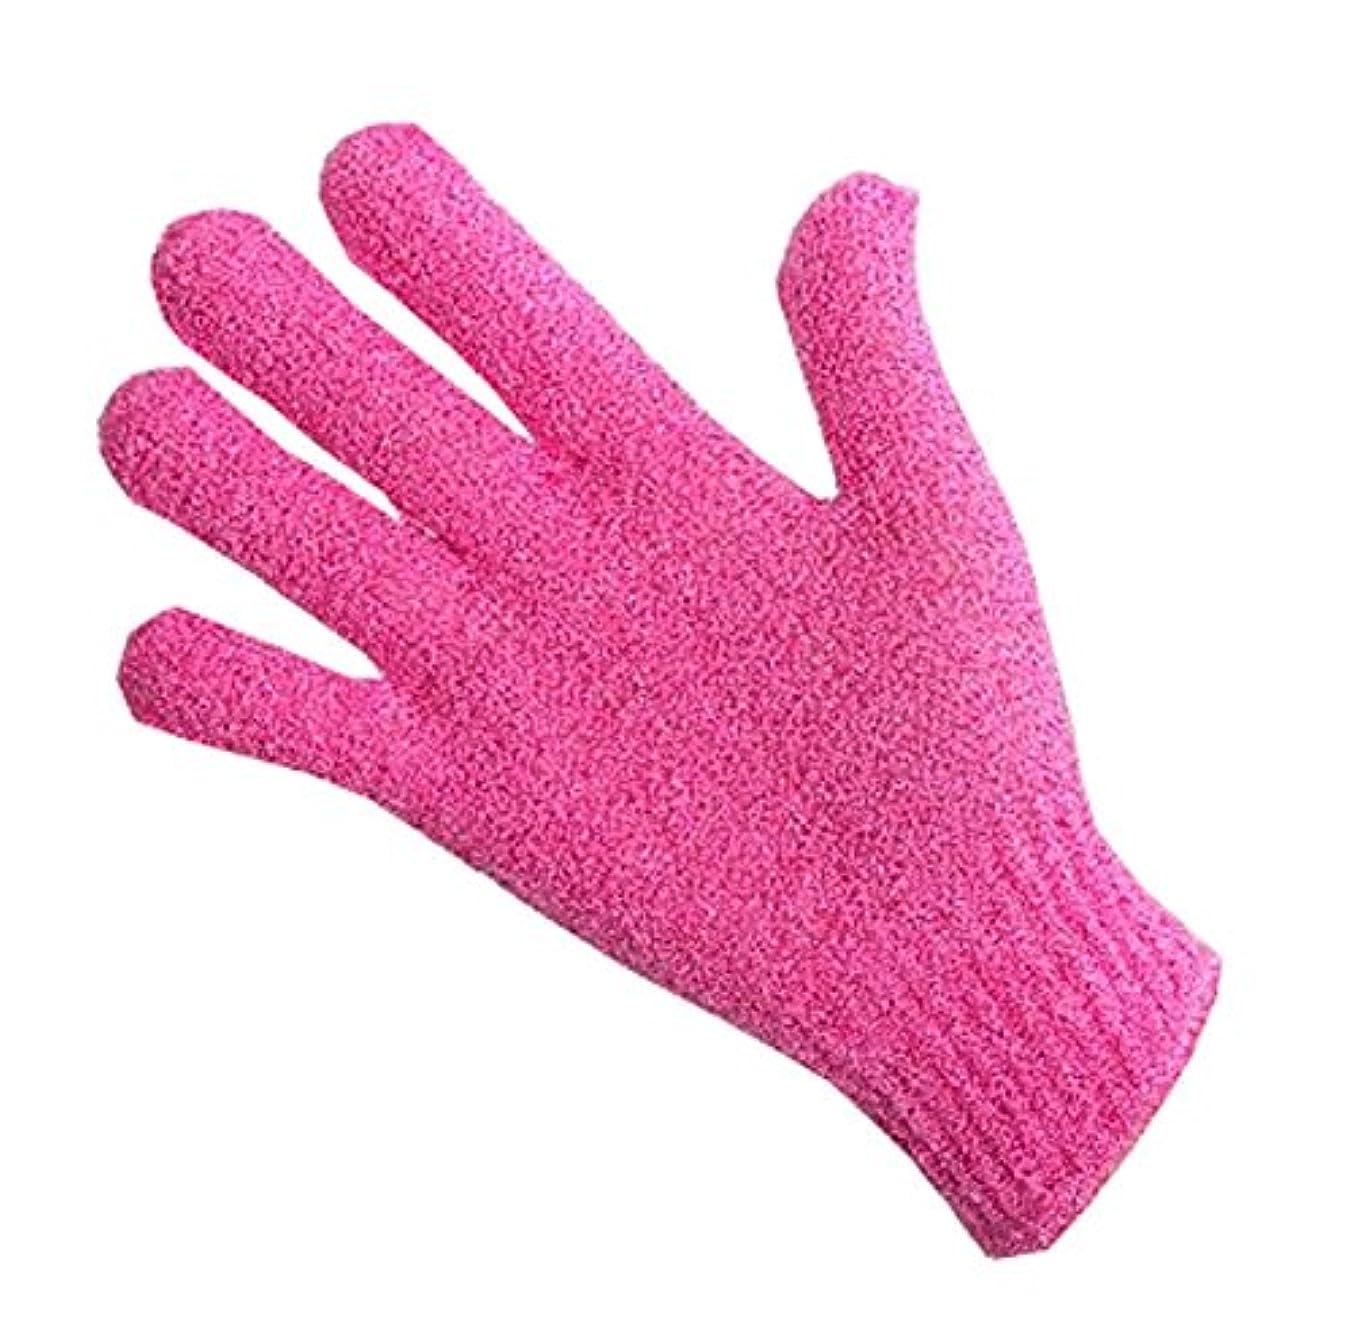 アンペア壮大なファウル指、バスタオルエクスフォリエイティングラビングタオルボディバック-1ペア、ピンク